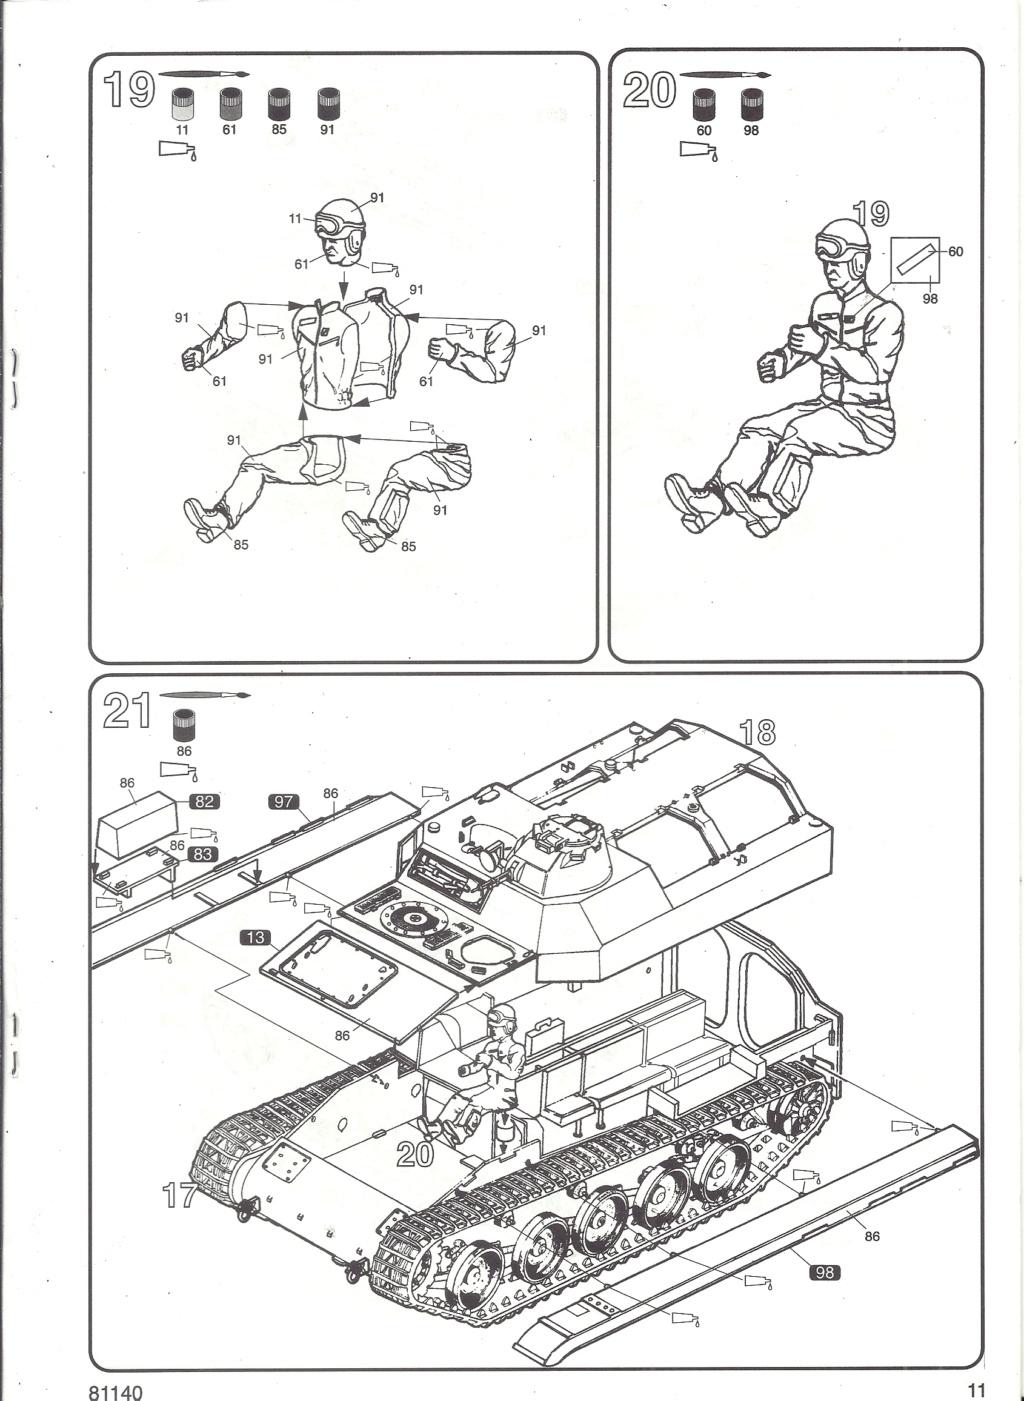 Véhicule de Combat d Infanterie AMX 13 M 56 VCI 1/35ème Réf 81140 Notice Hell2121